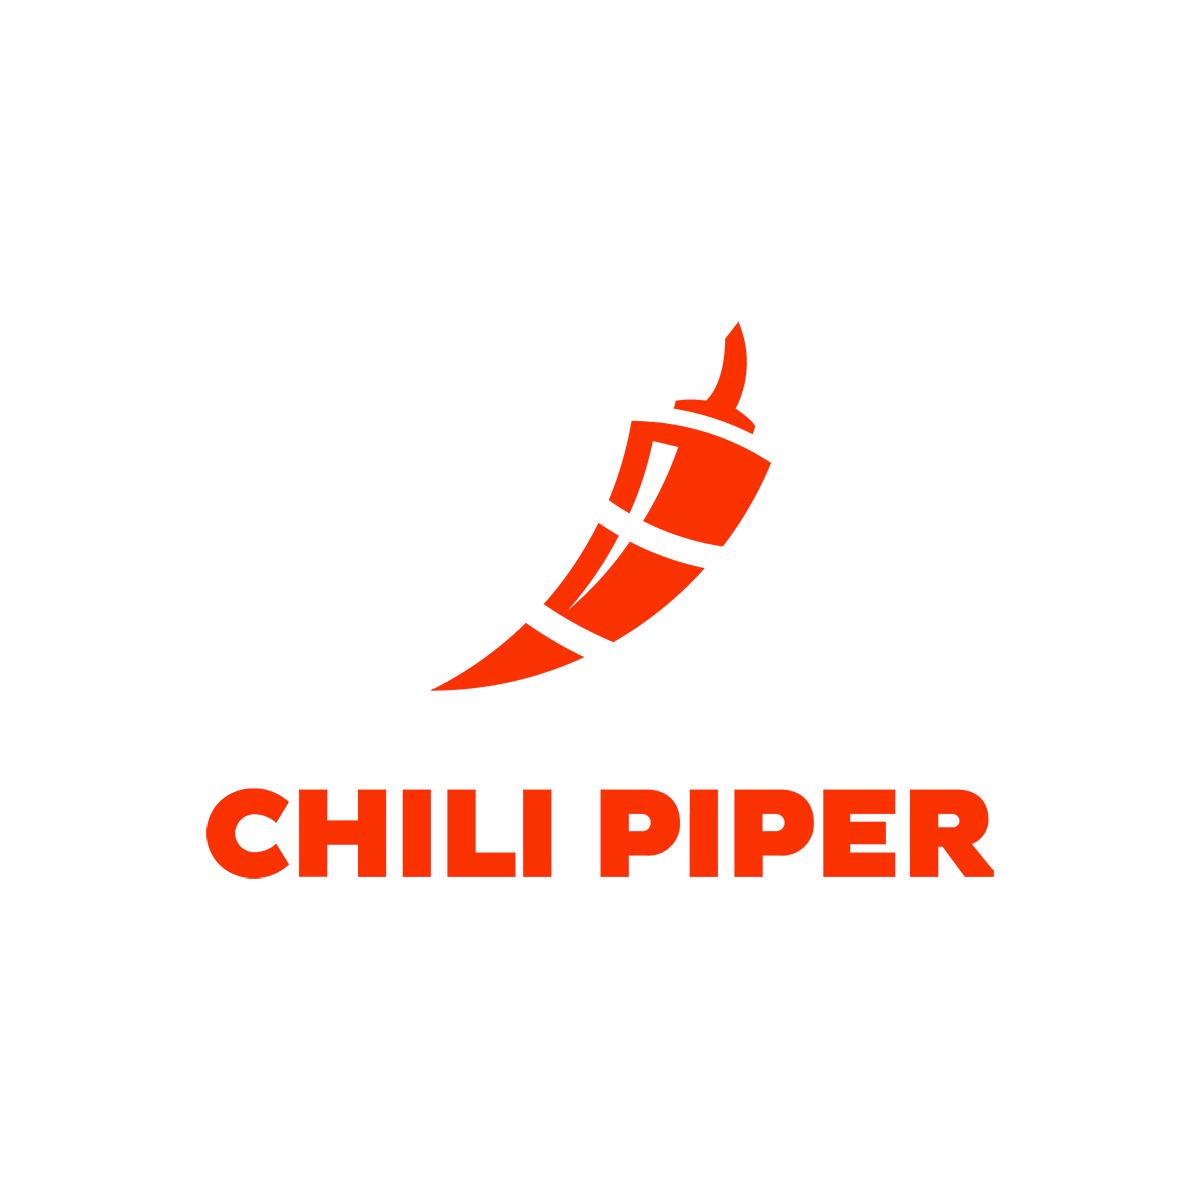 Chili Piper